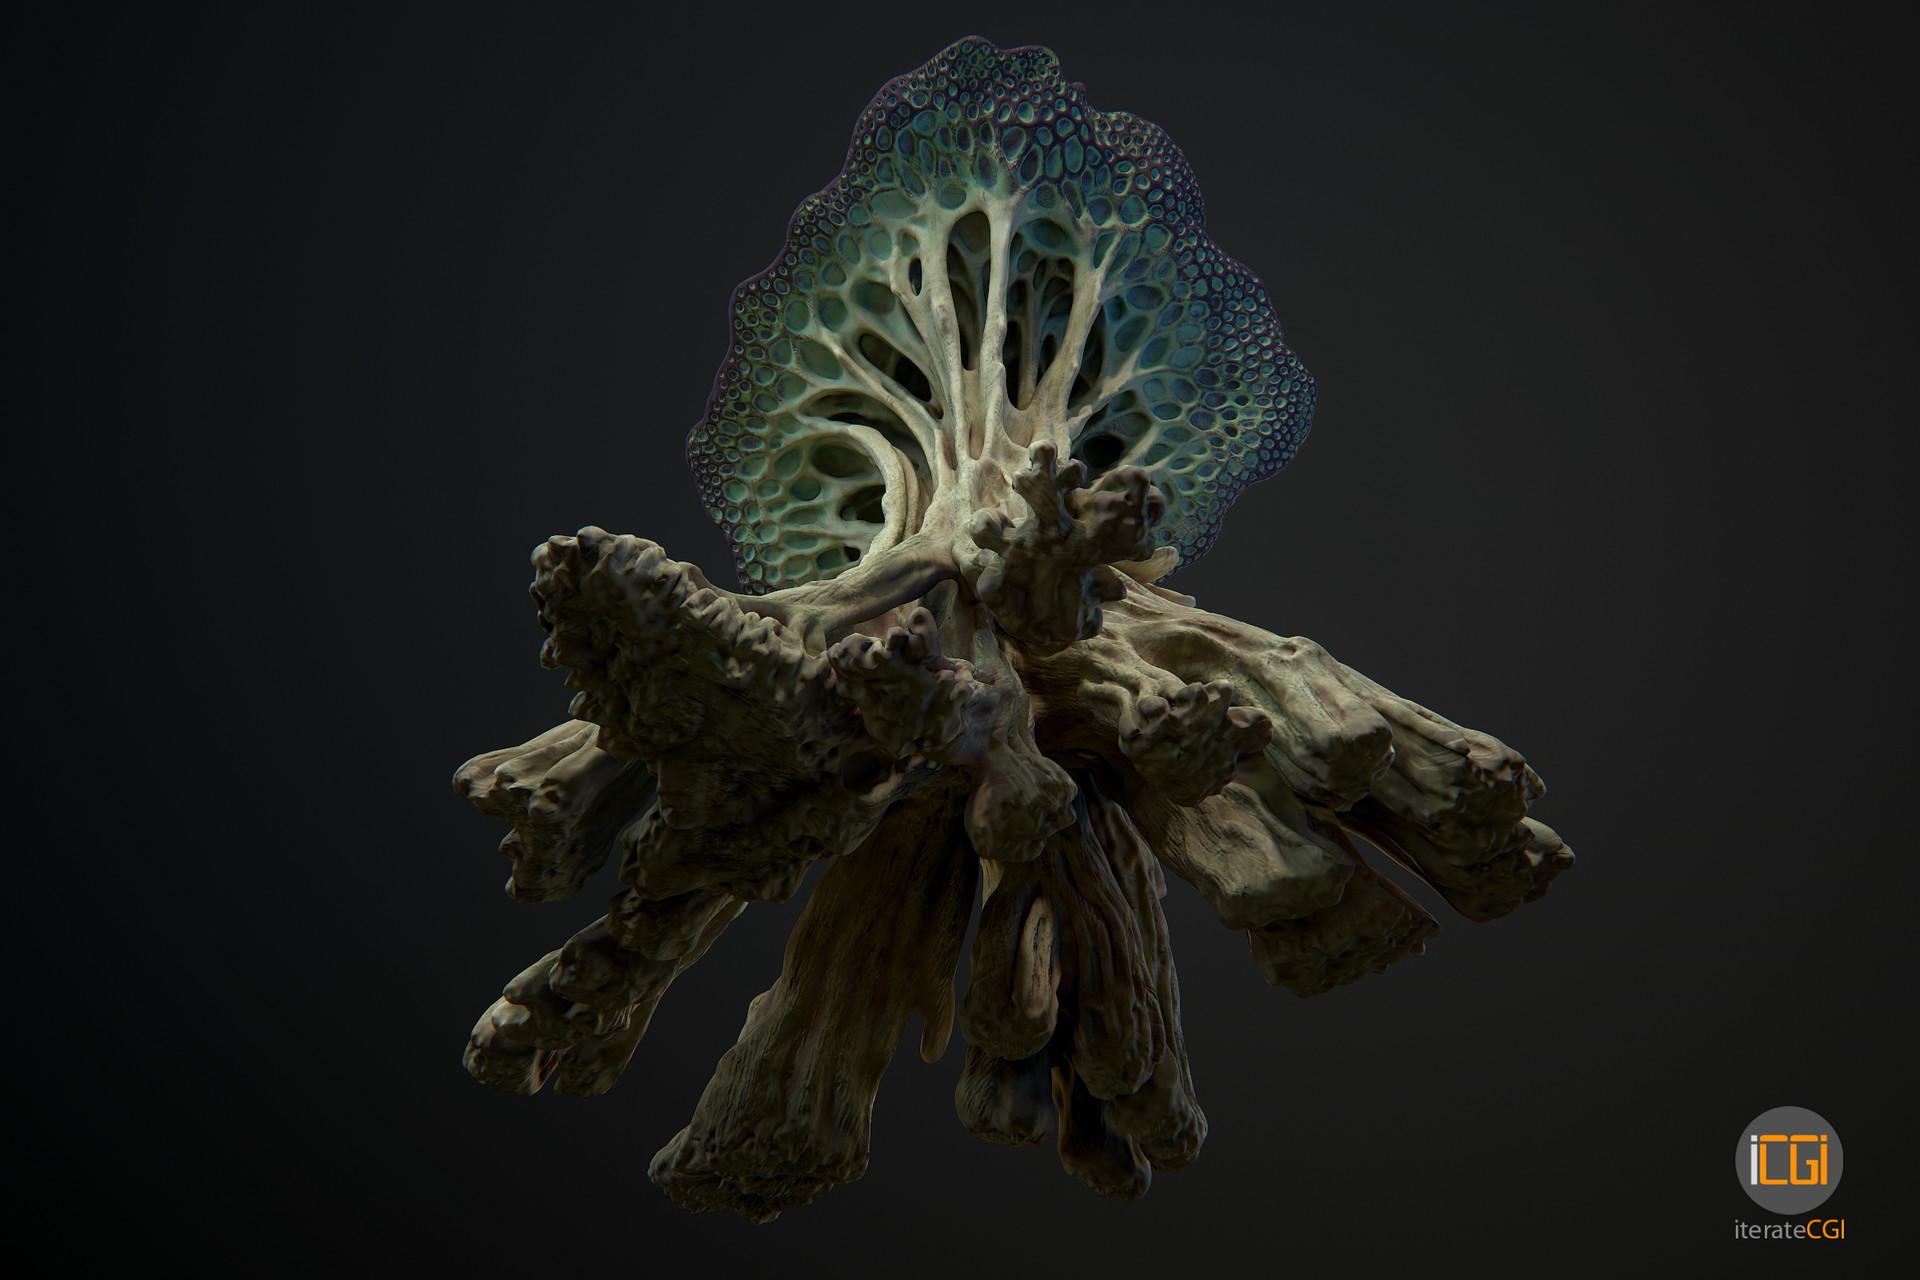 Johan de leenheer alien plant mushroom type2 28